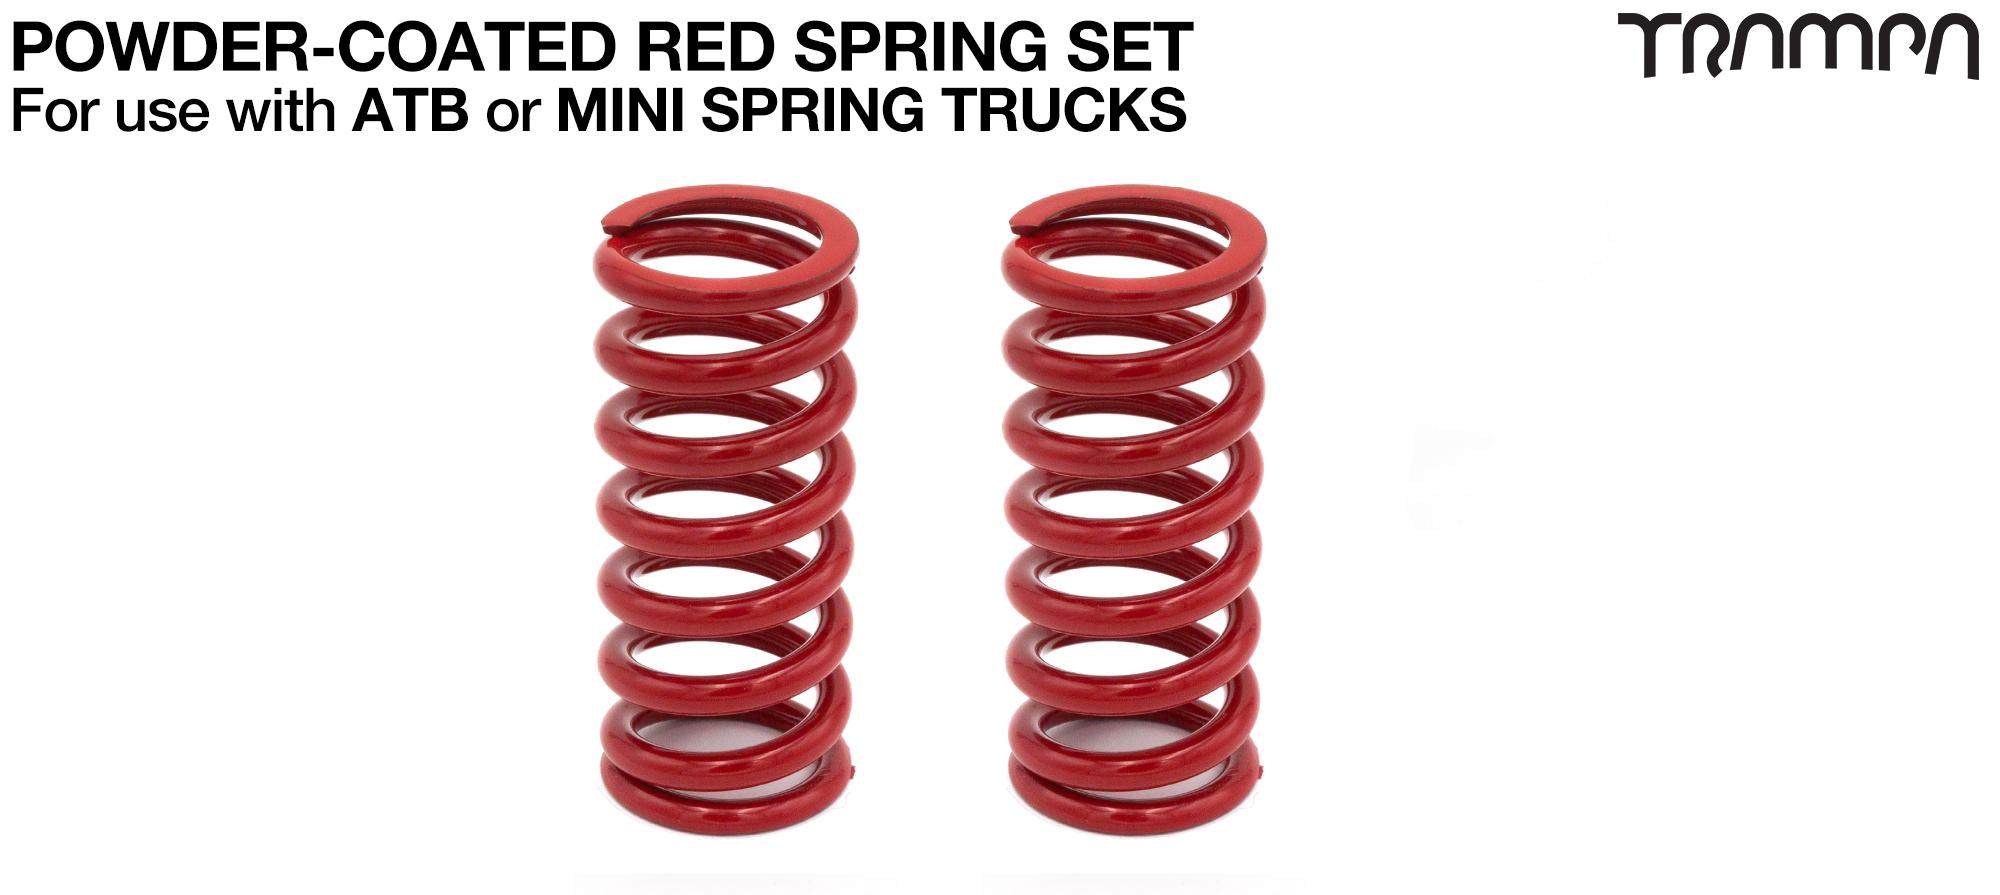 RED Powder coated Steel Springs x2